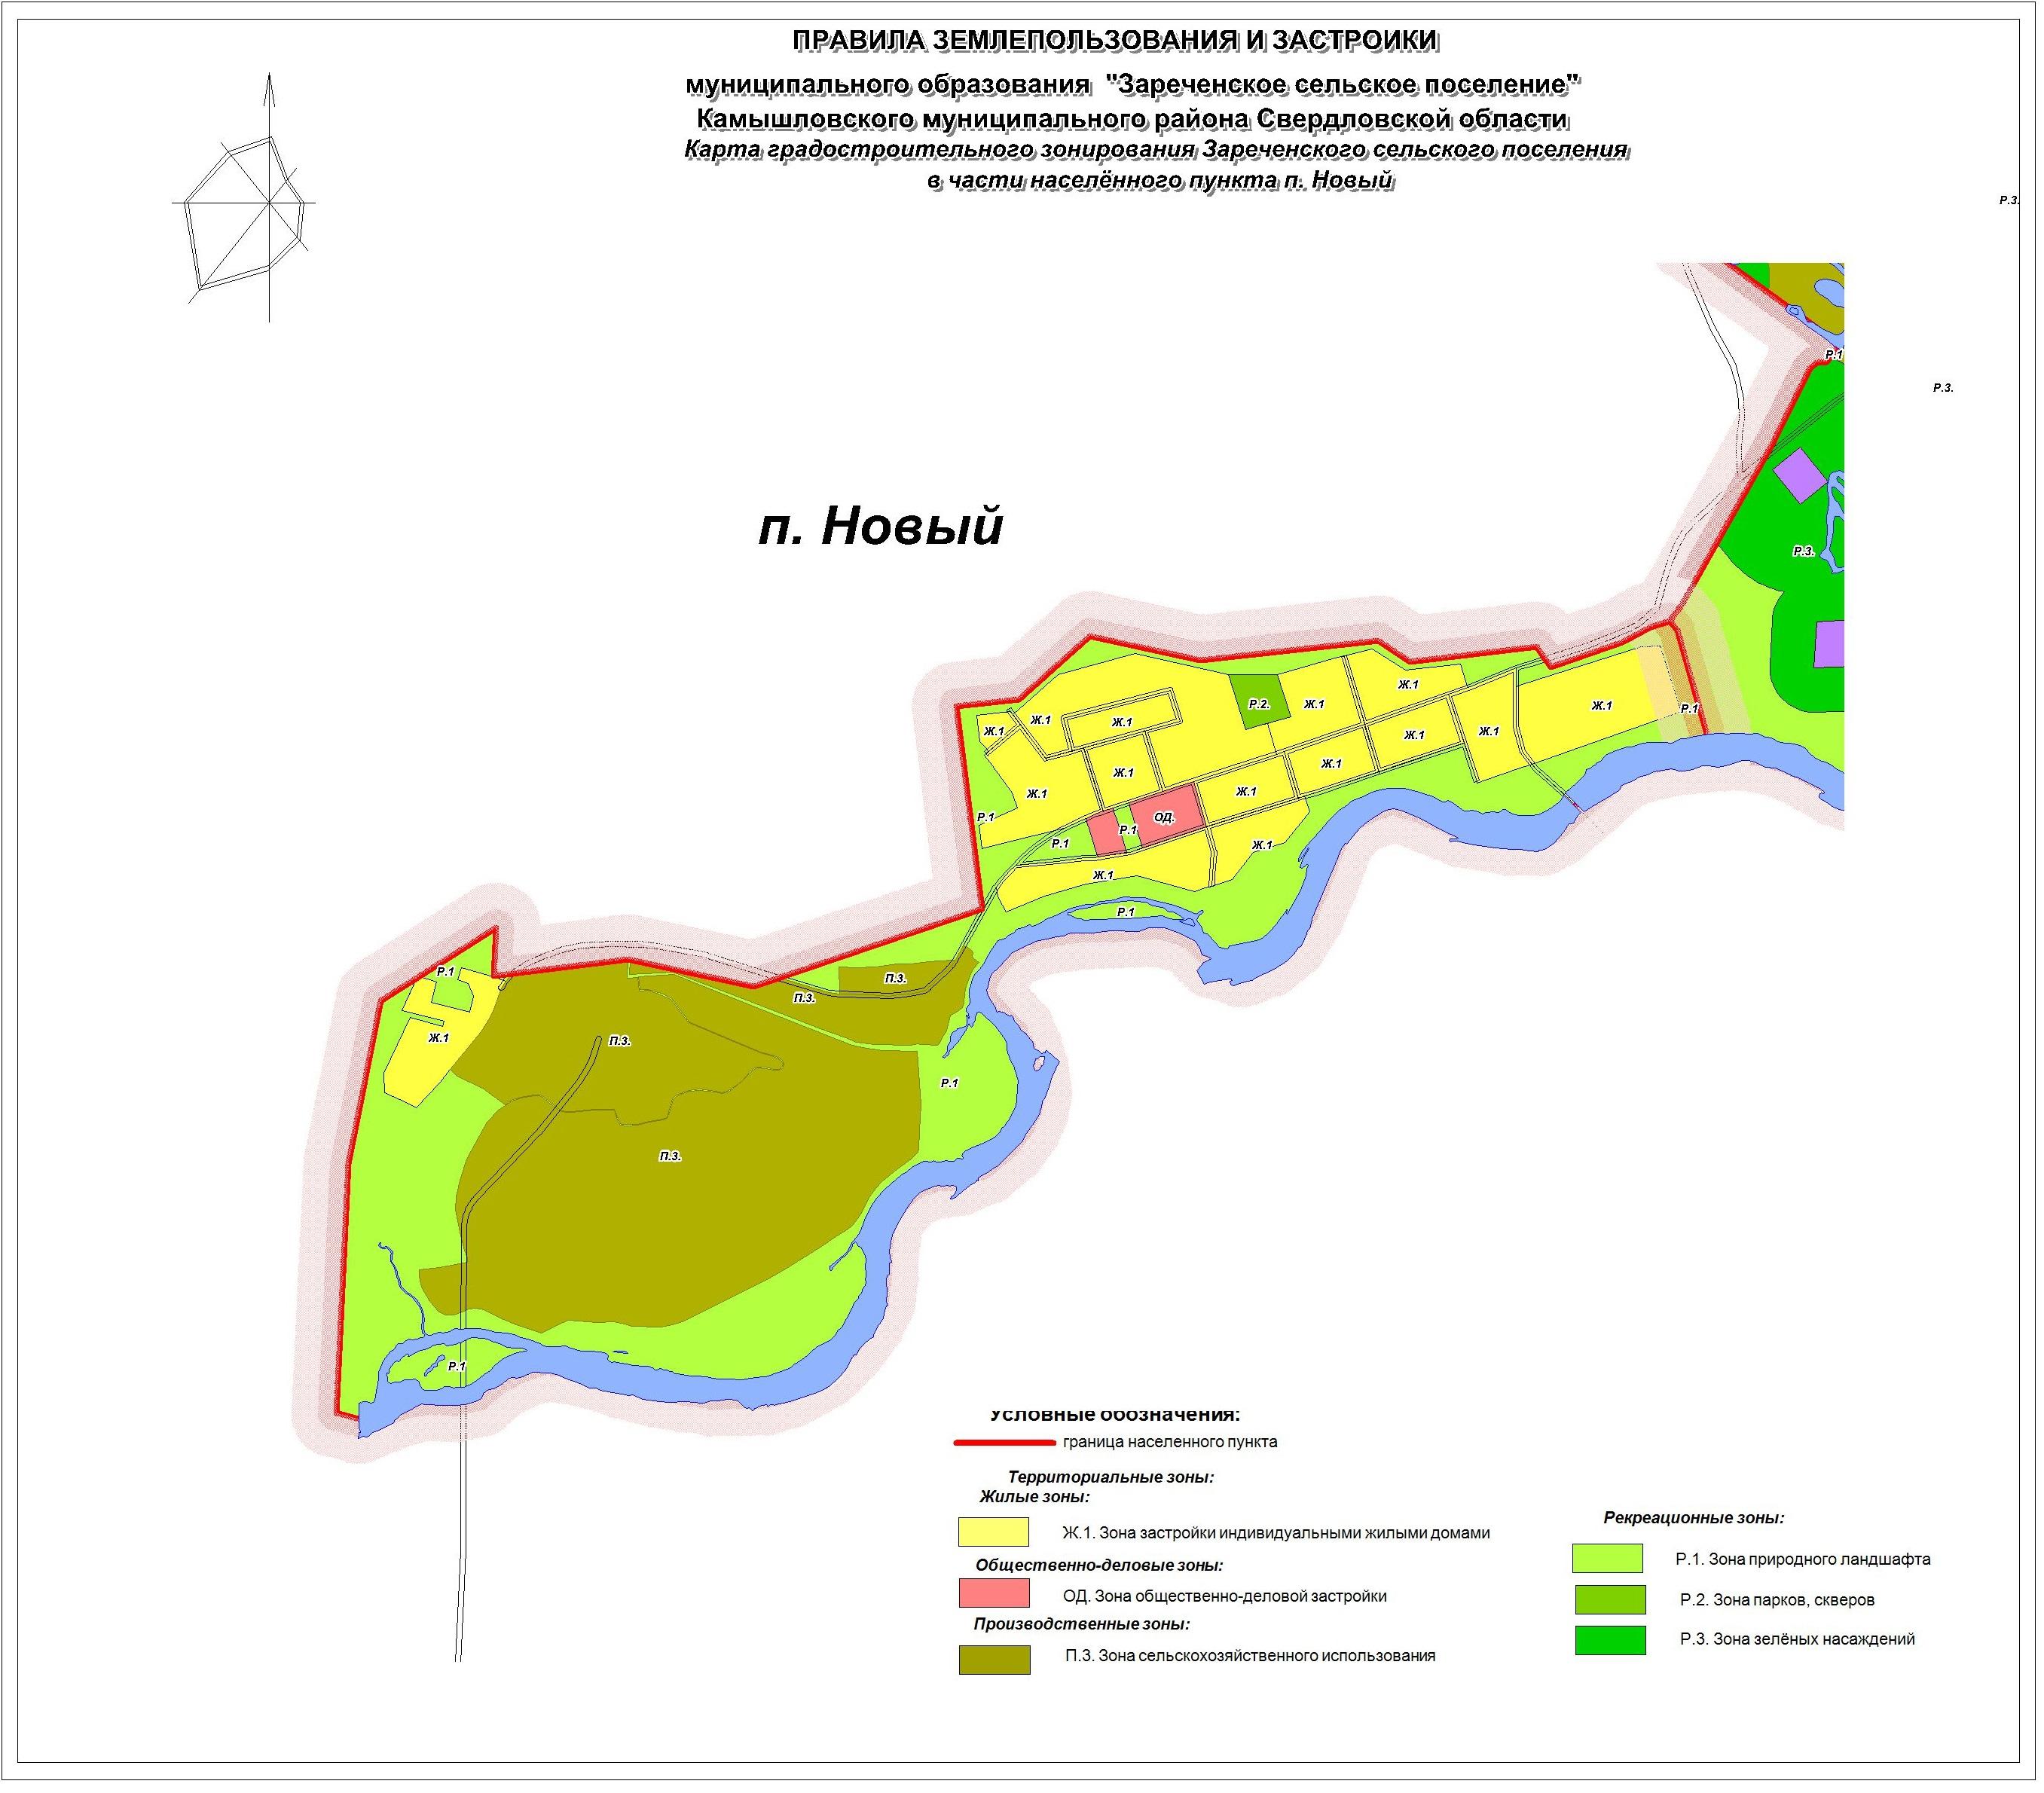 Карта градостроительного зонирования Новый